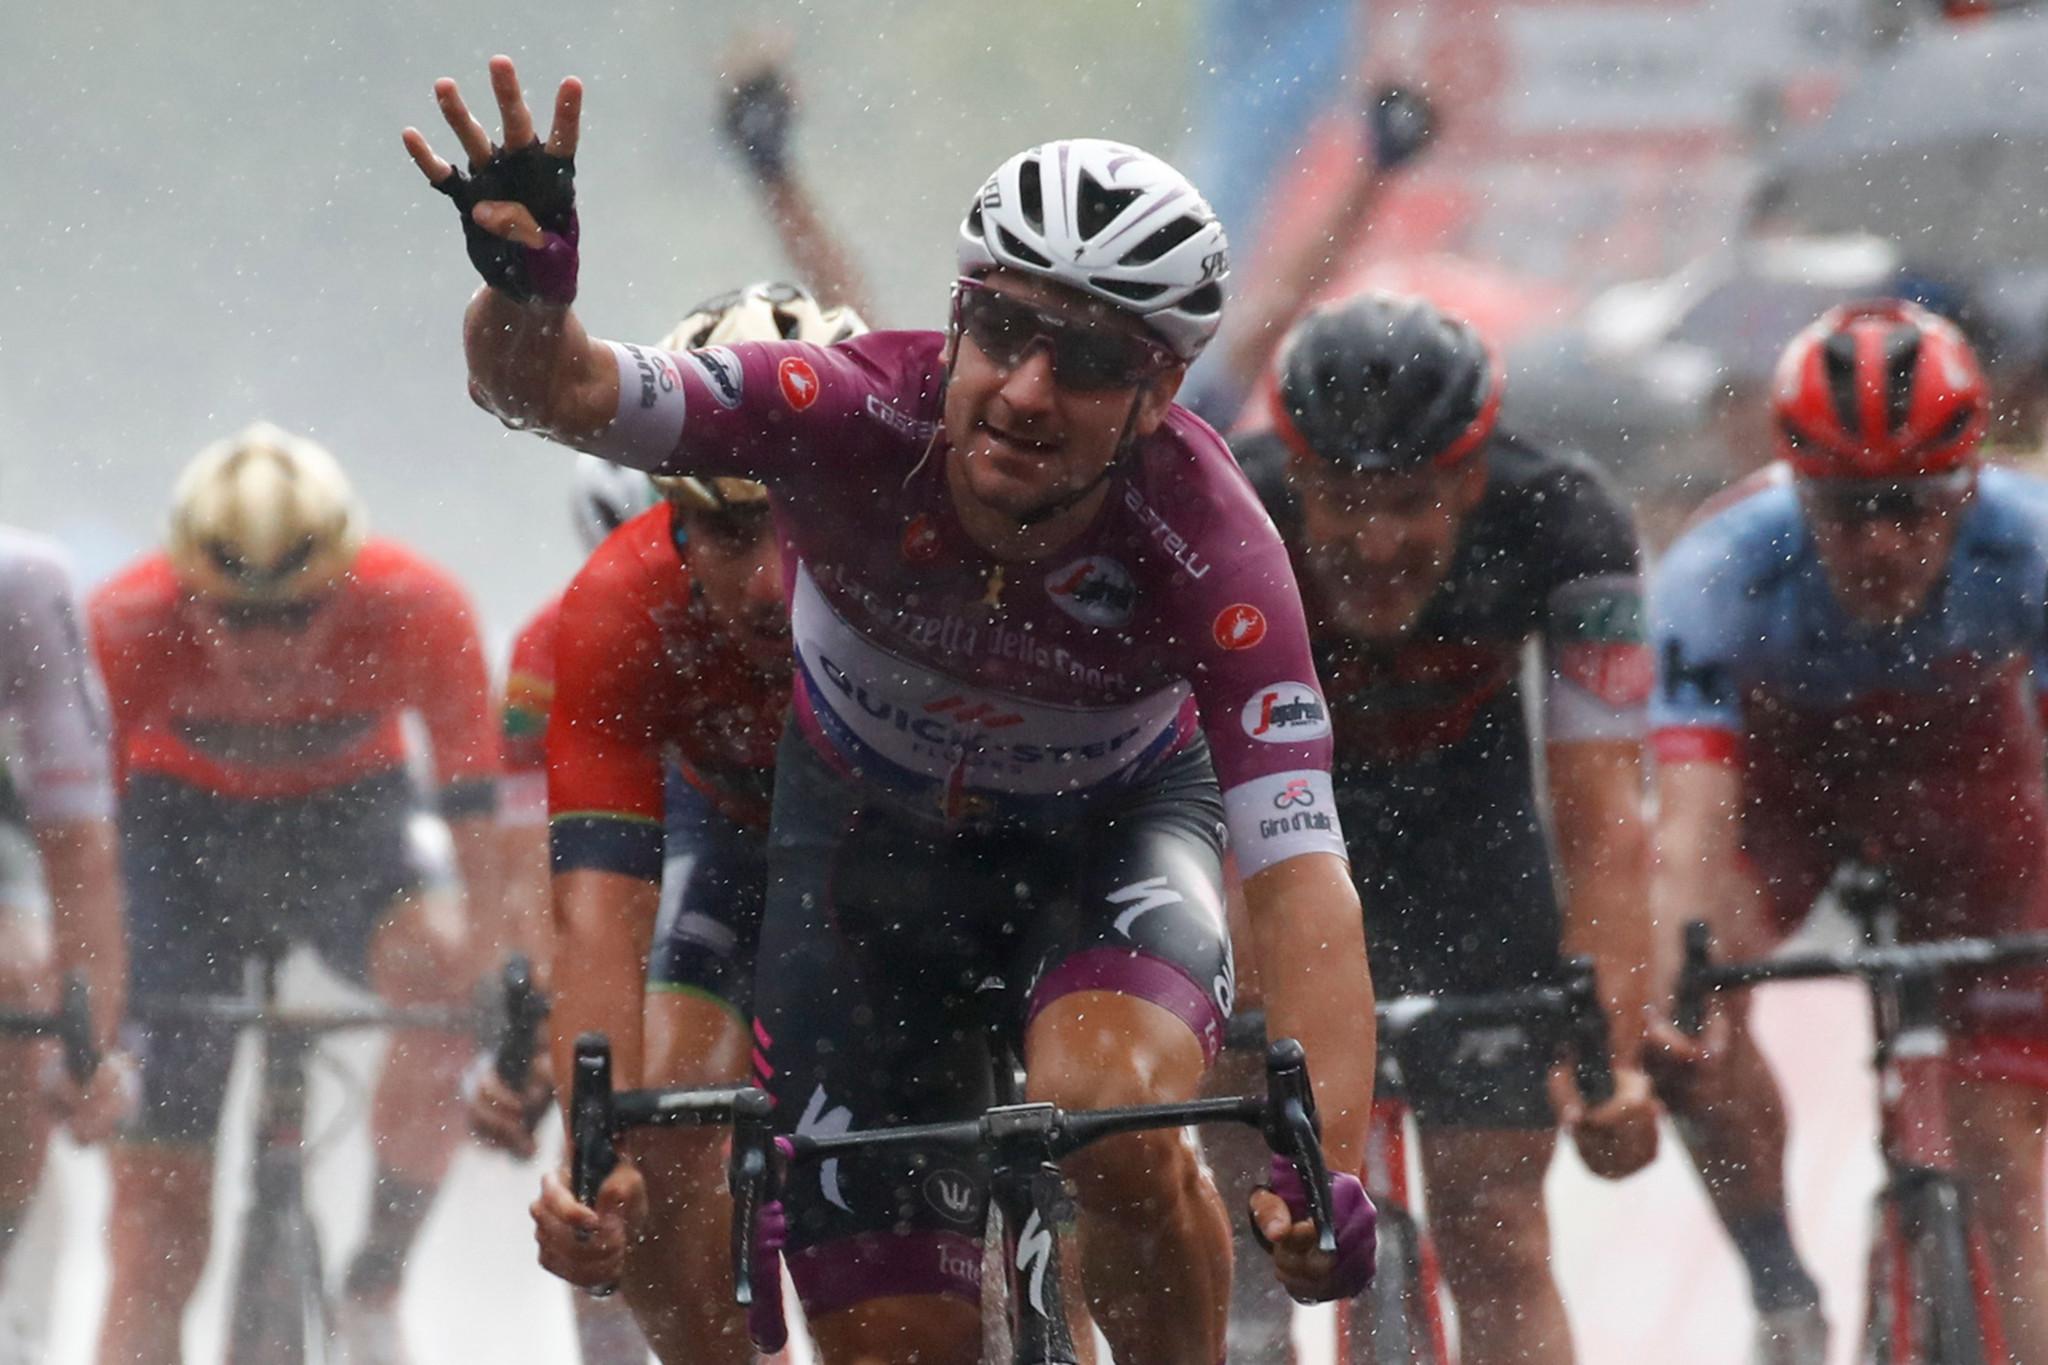 Viviani sprints to fourth stage win at rainy Giro d'Italia